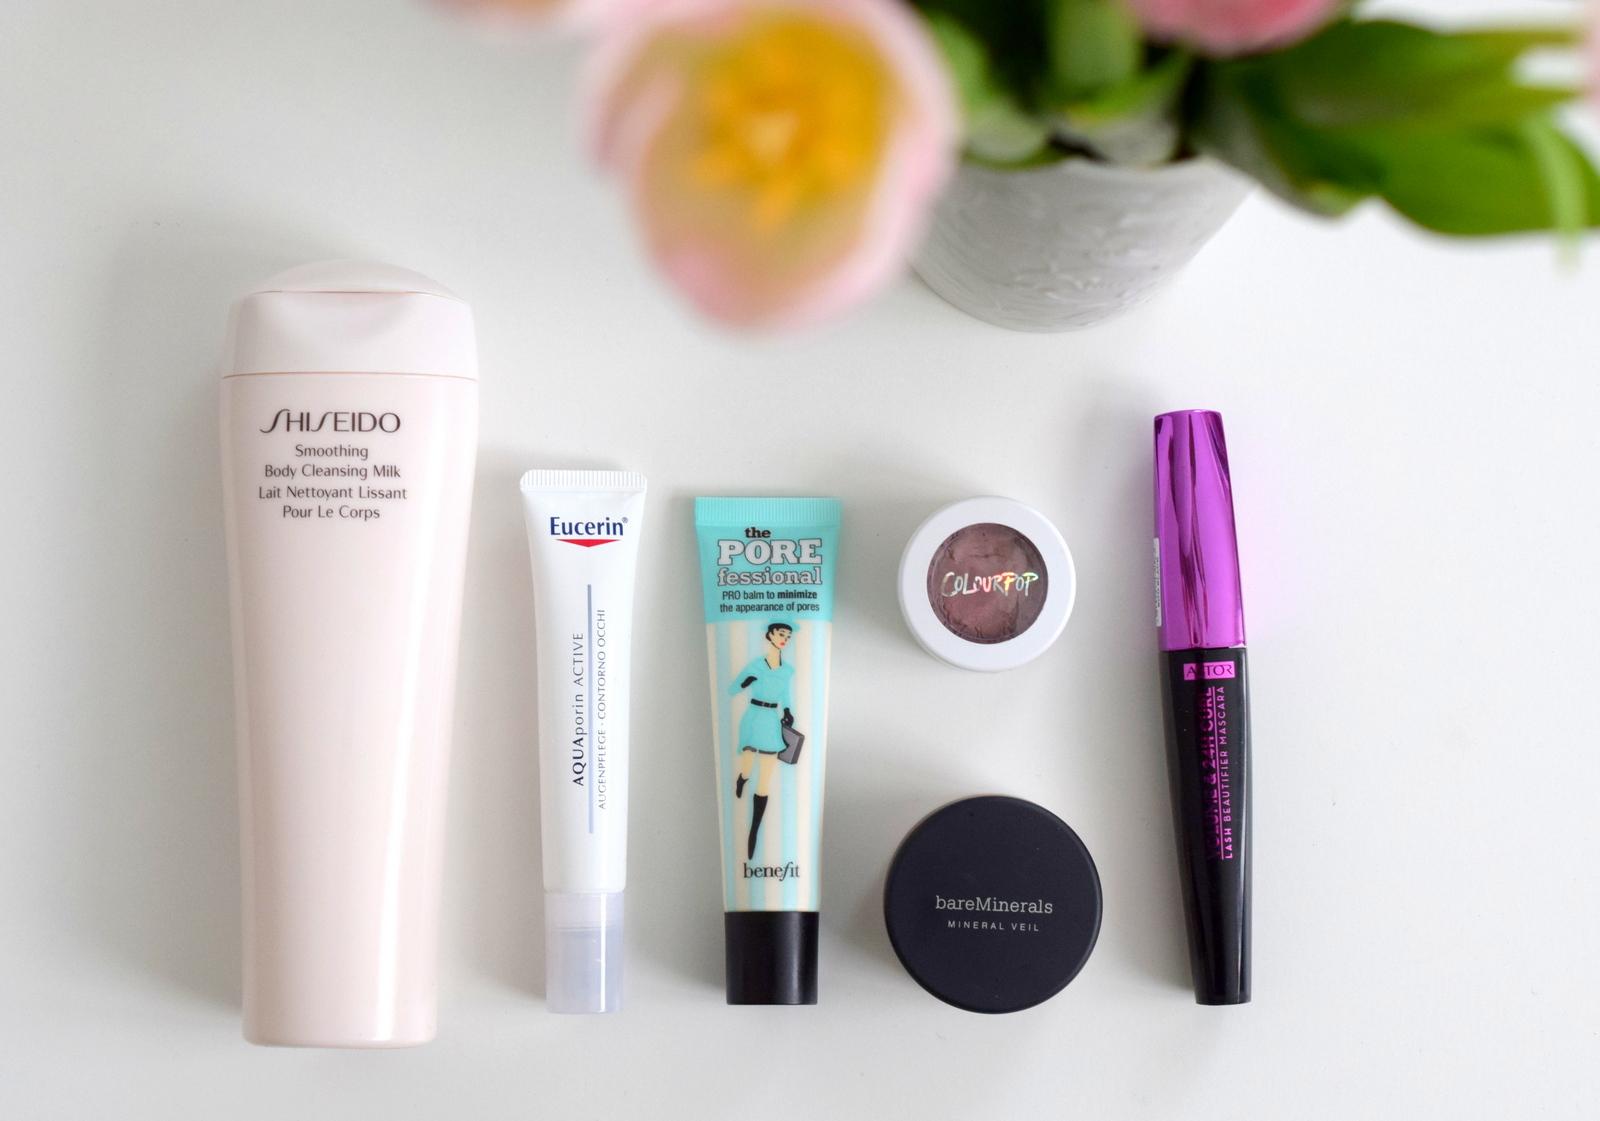 Bei meinen Beauty Kosmetik Favoriten im Mai waren unter anderem Benefit, Shiseido, Astor, Colour Pop und Eucerin dabei.